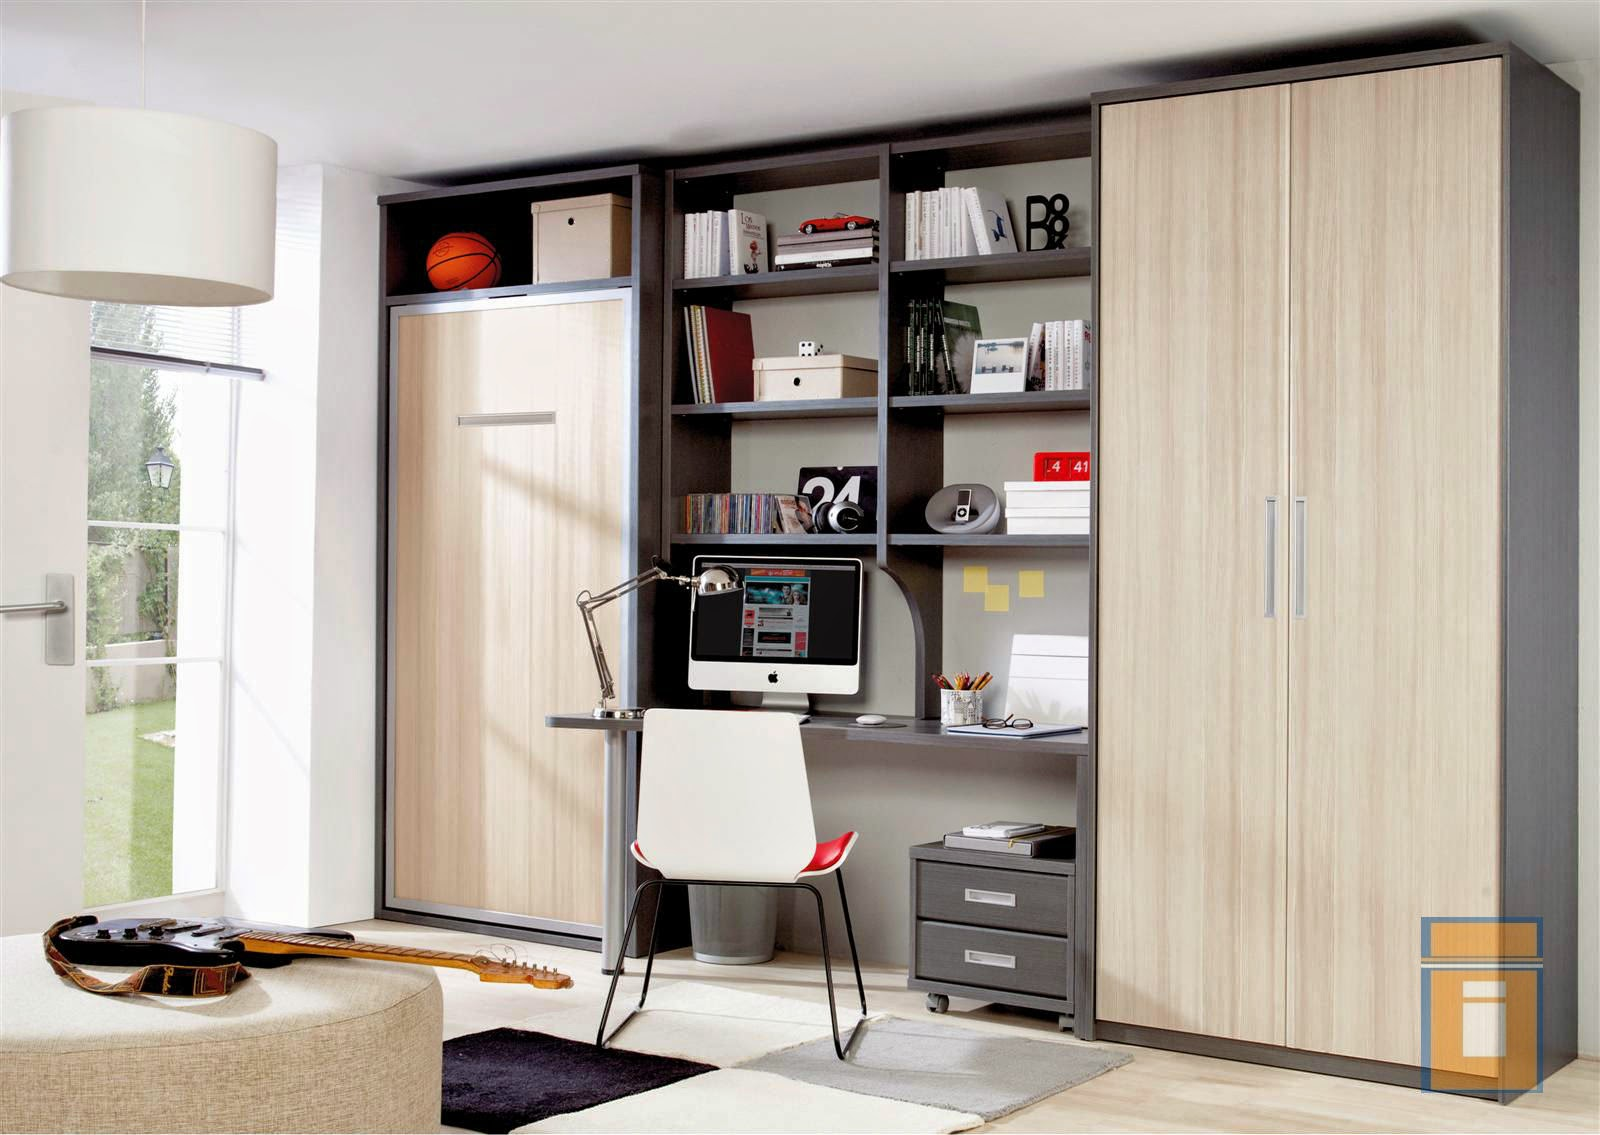 Armimobel muebles con vida dormitorios juveniles e - Habitaciones juveniles espacios pequenos ...